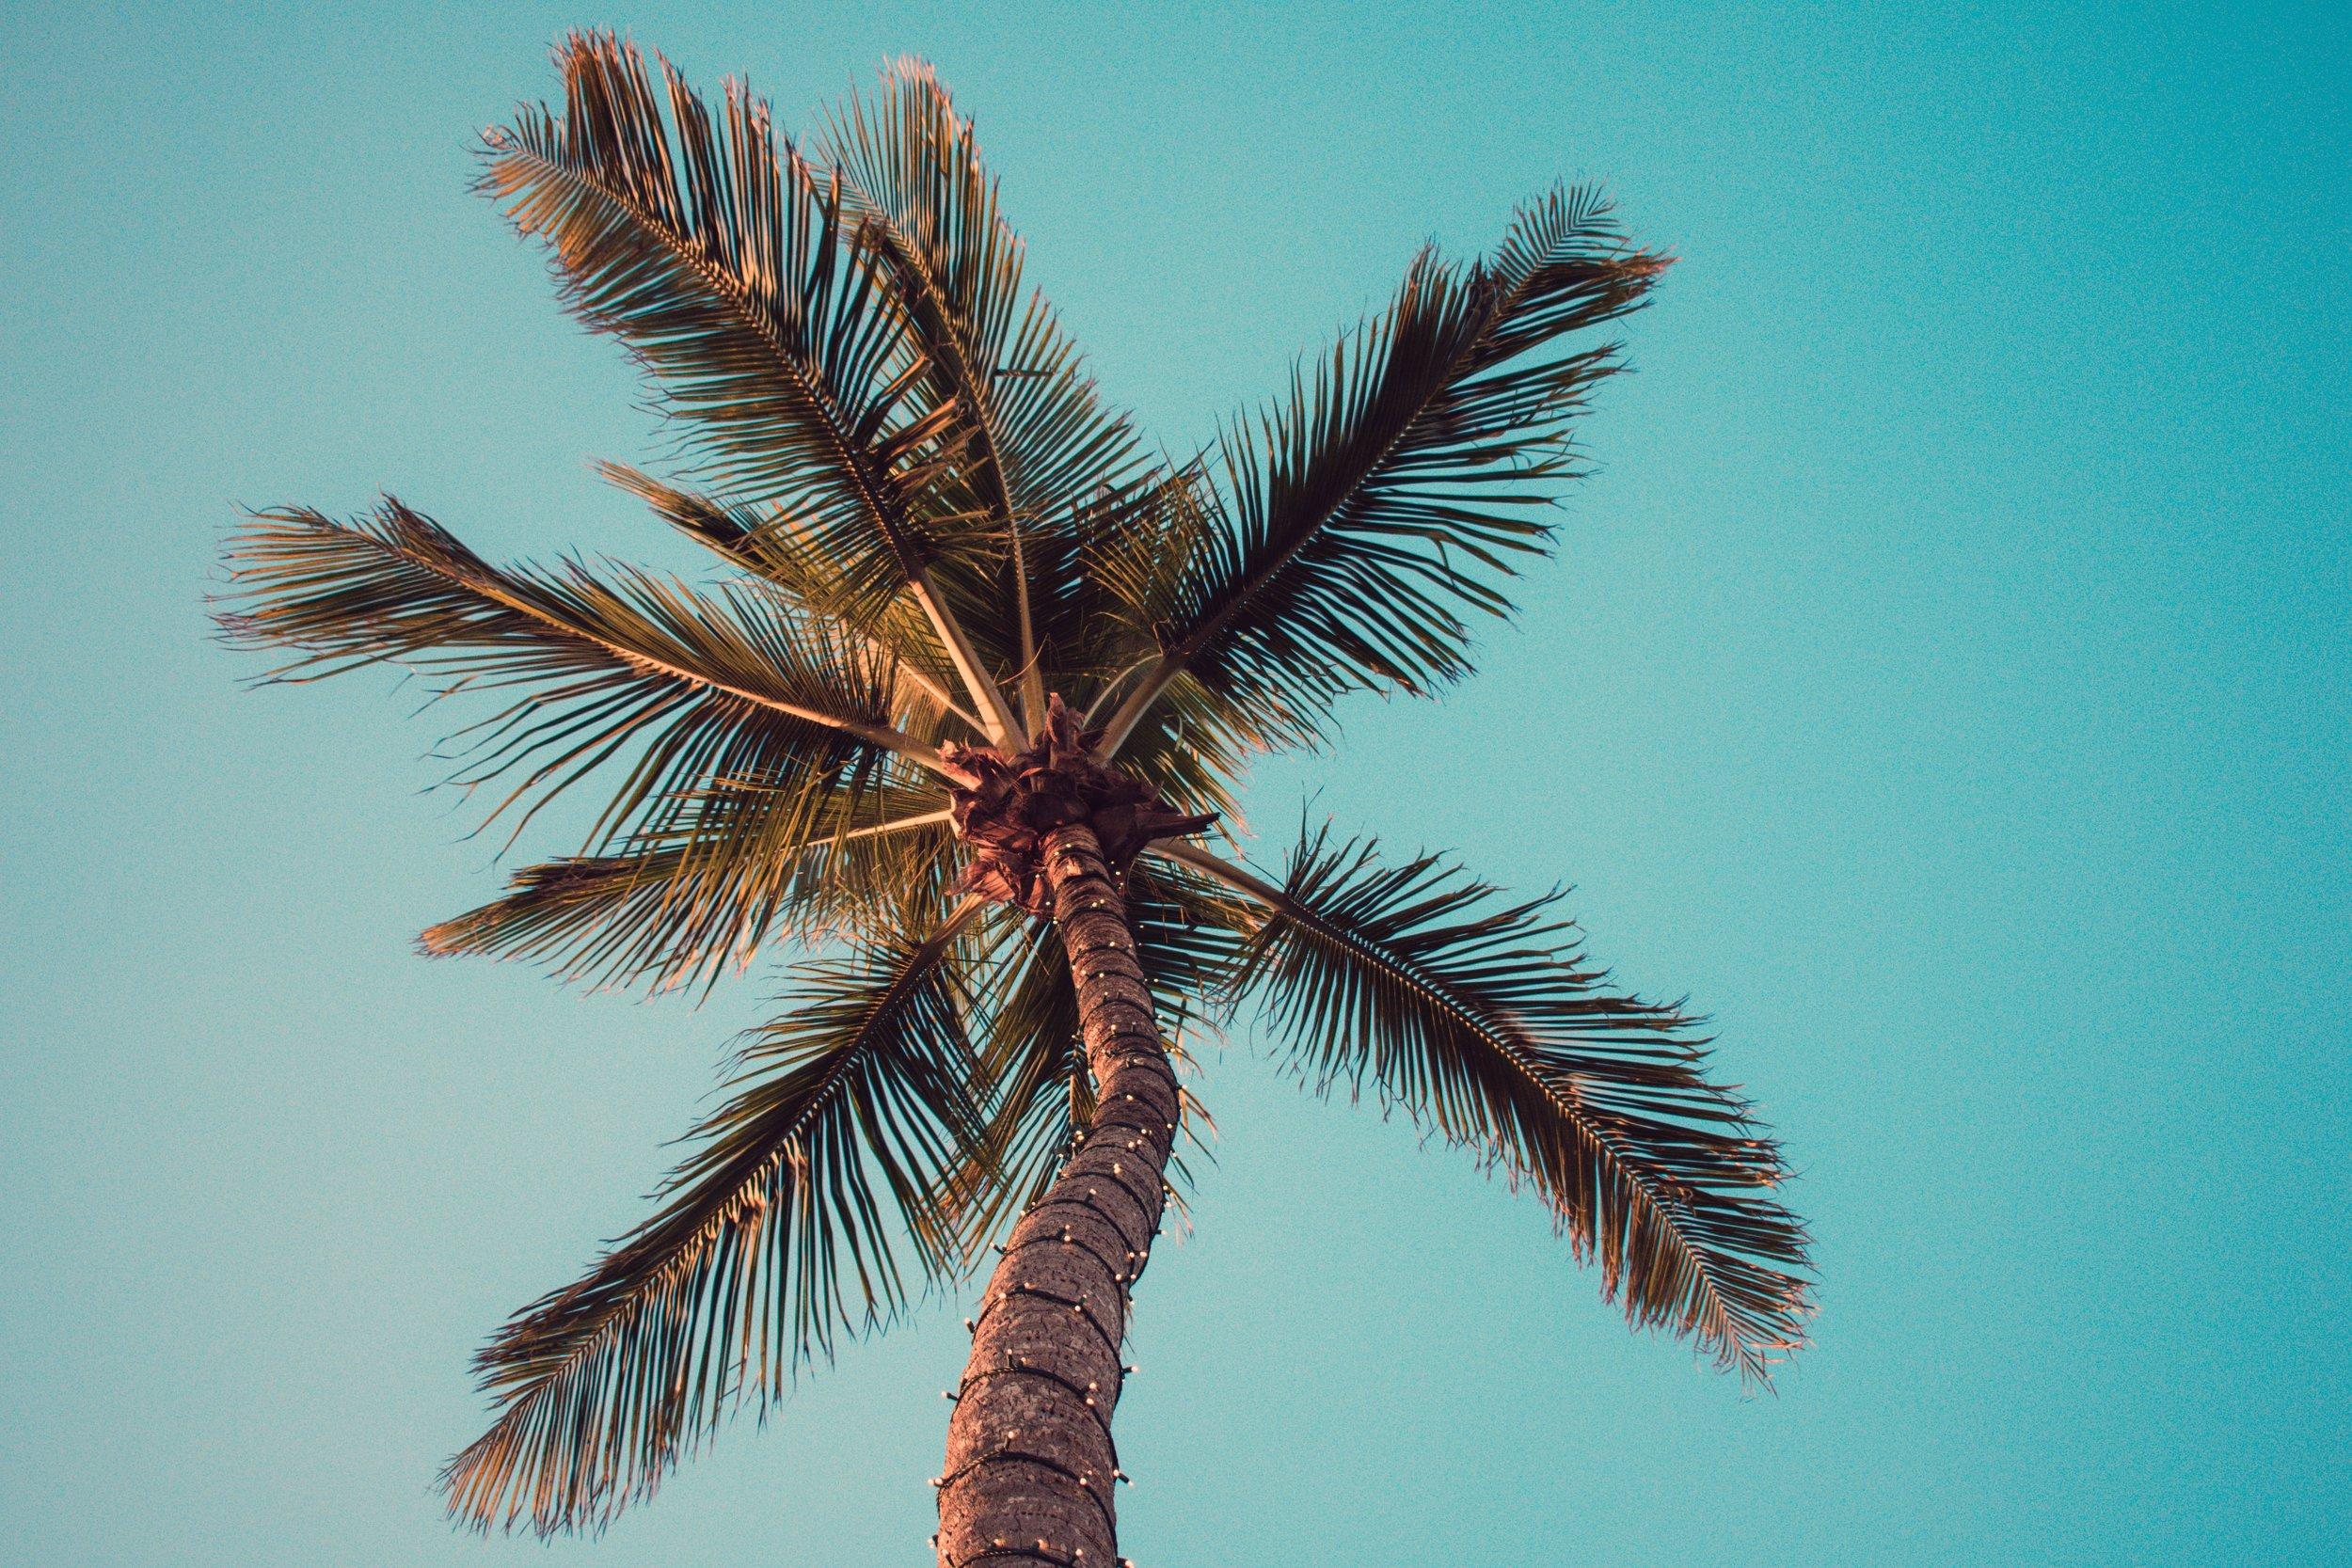 blue-sky-clear-sky-coconut-1068989.jpg